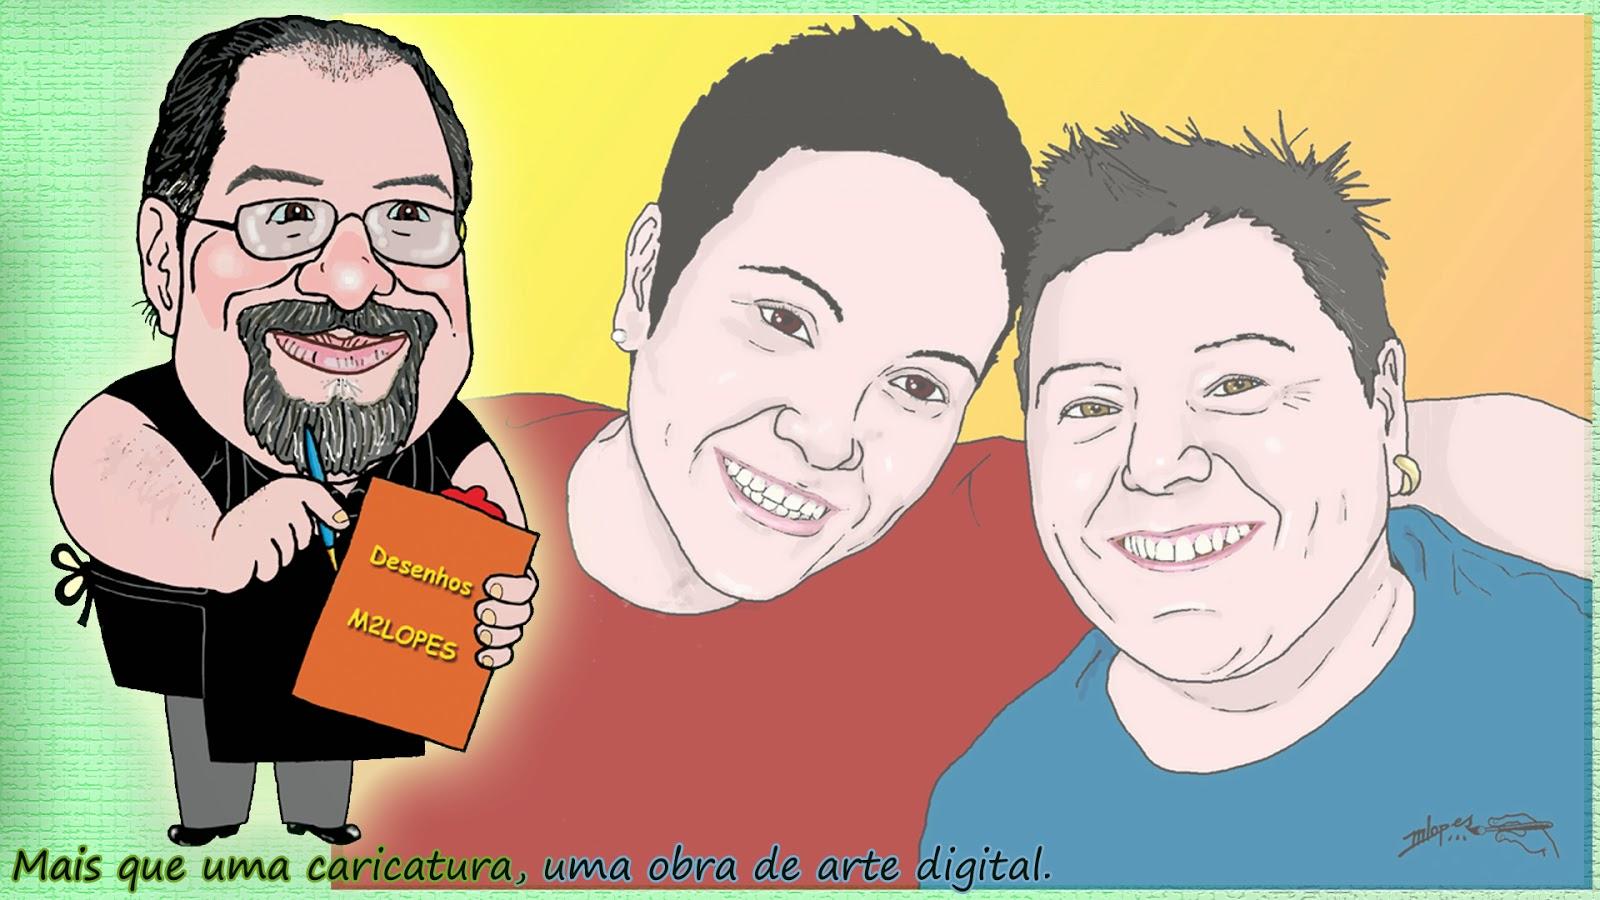 Caricaturas por encomendas: m2lopes@hotmail.com